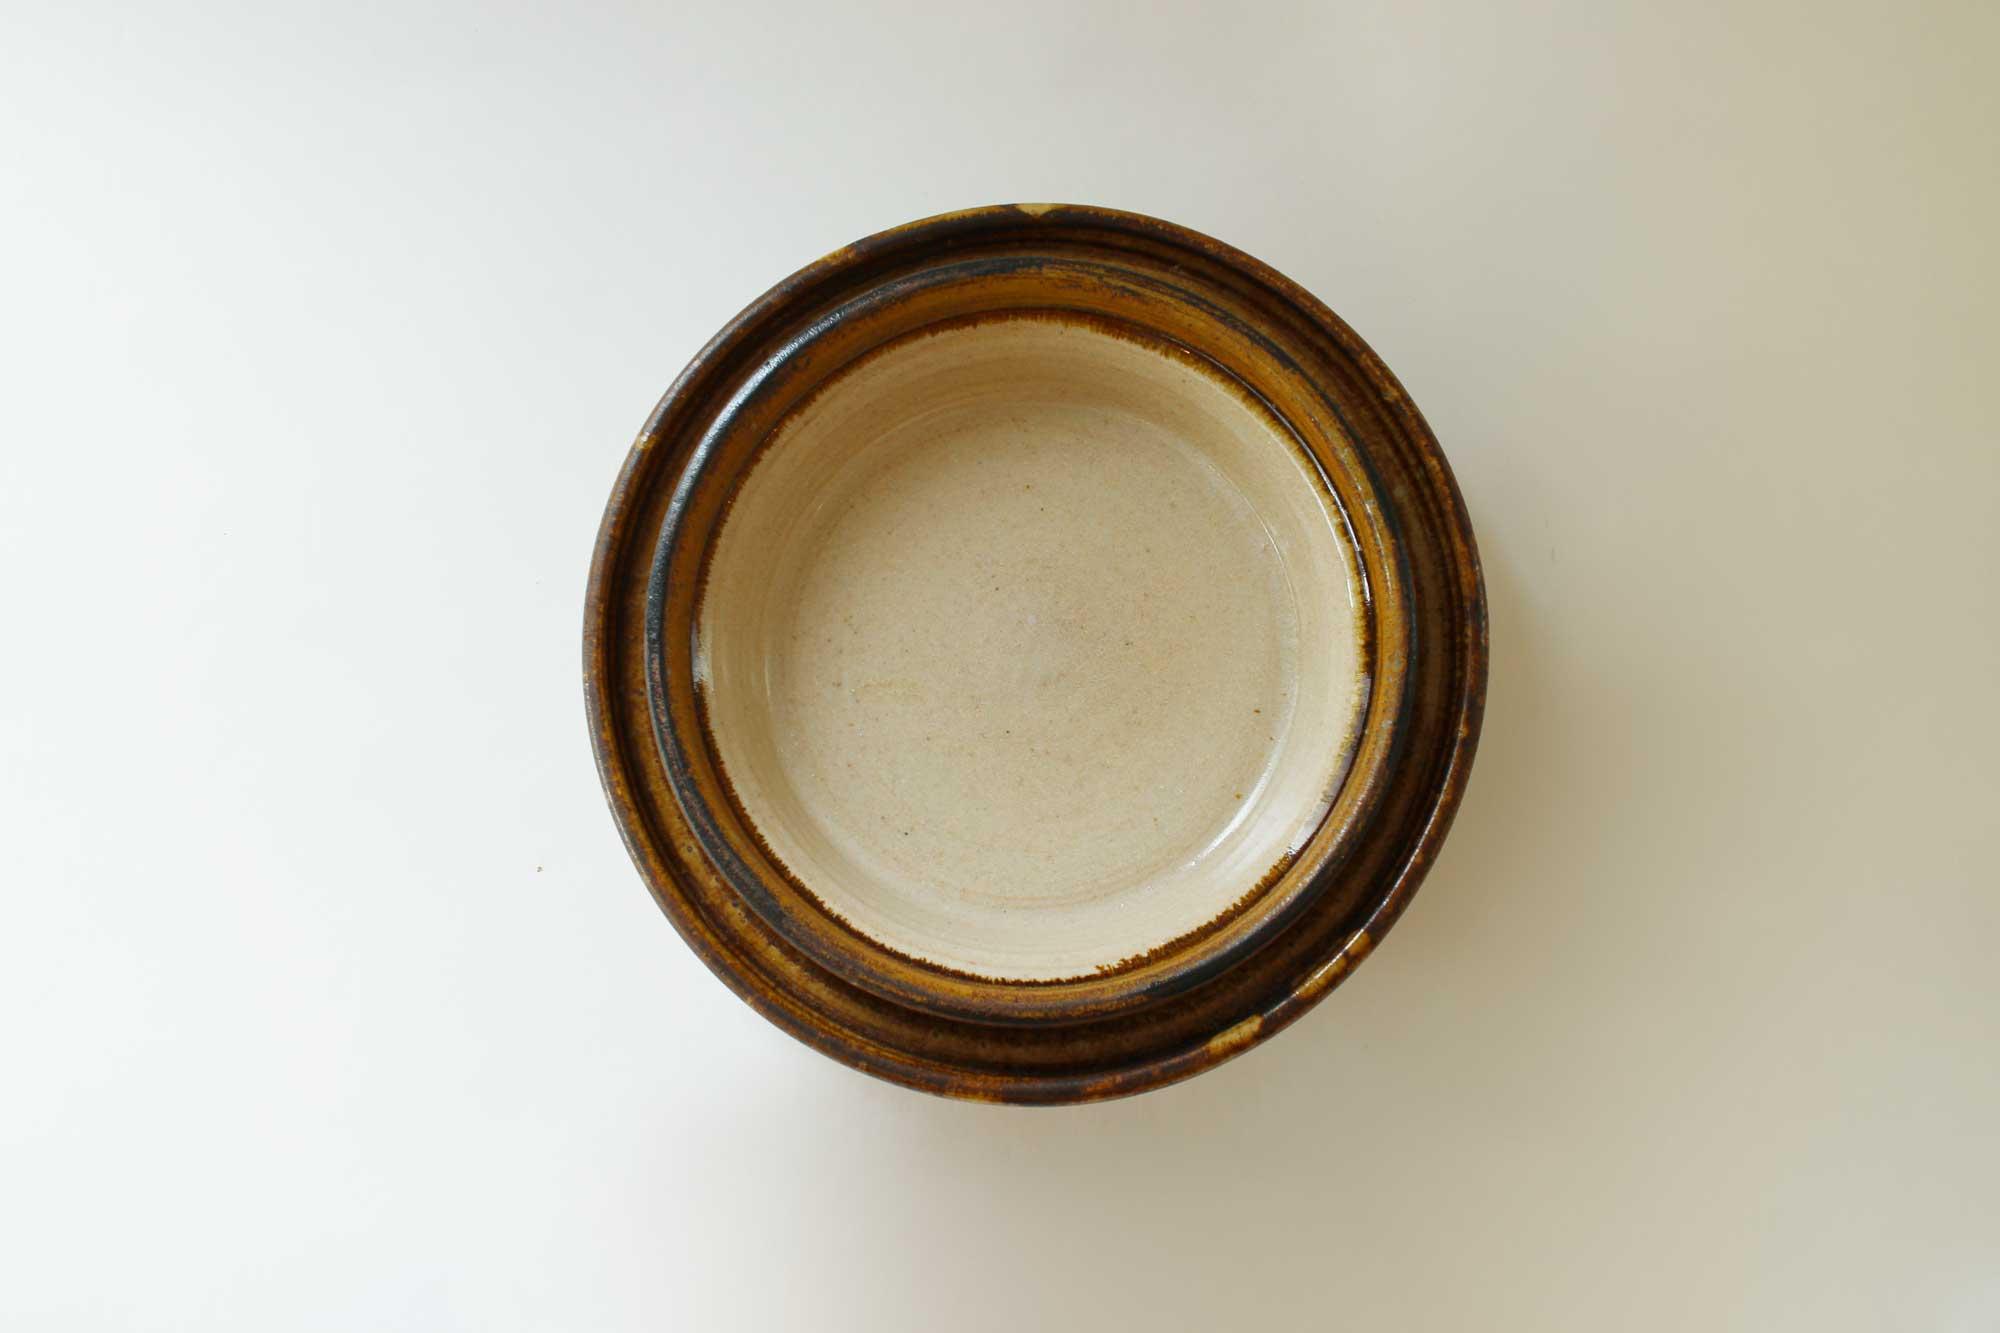 CANASA 耐熱皿